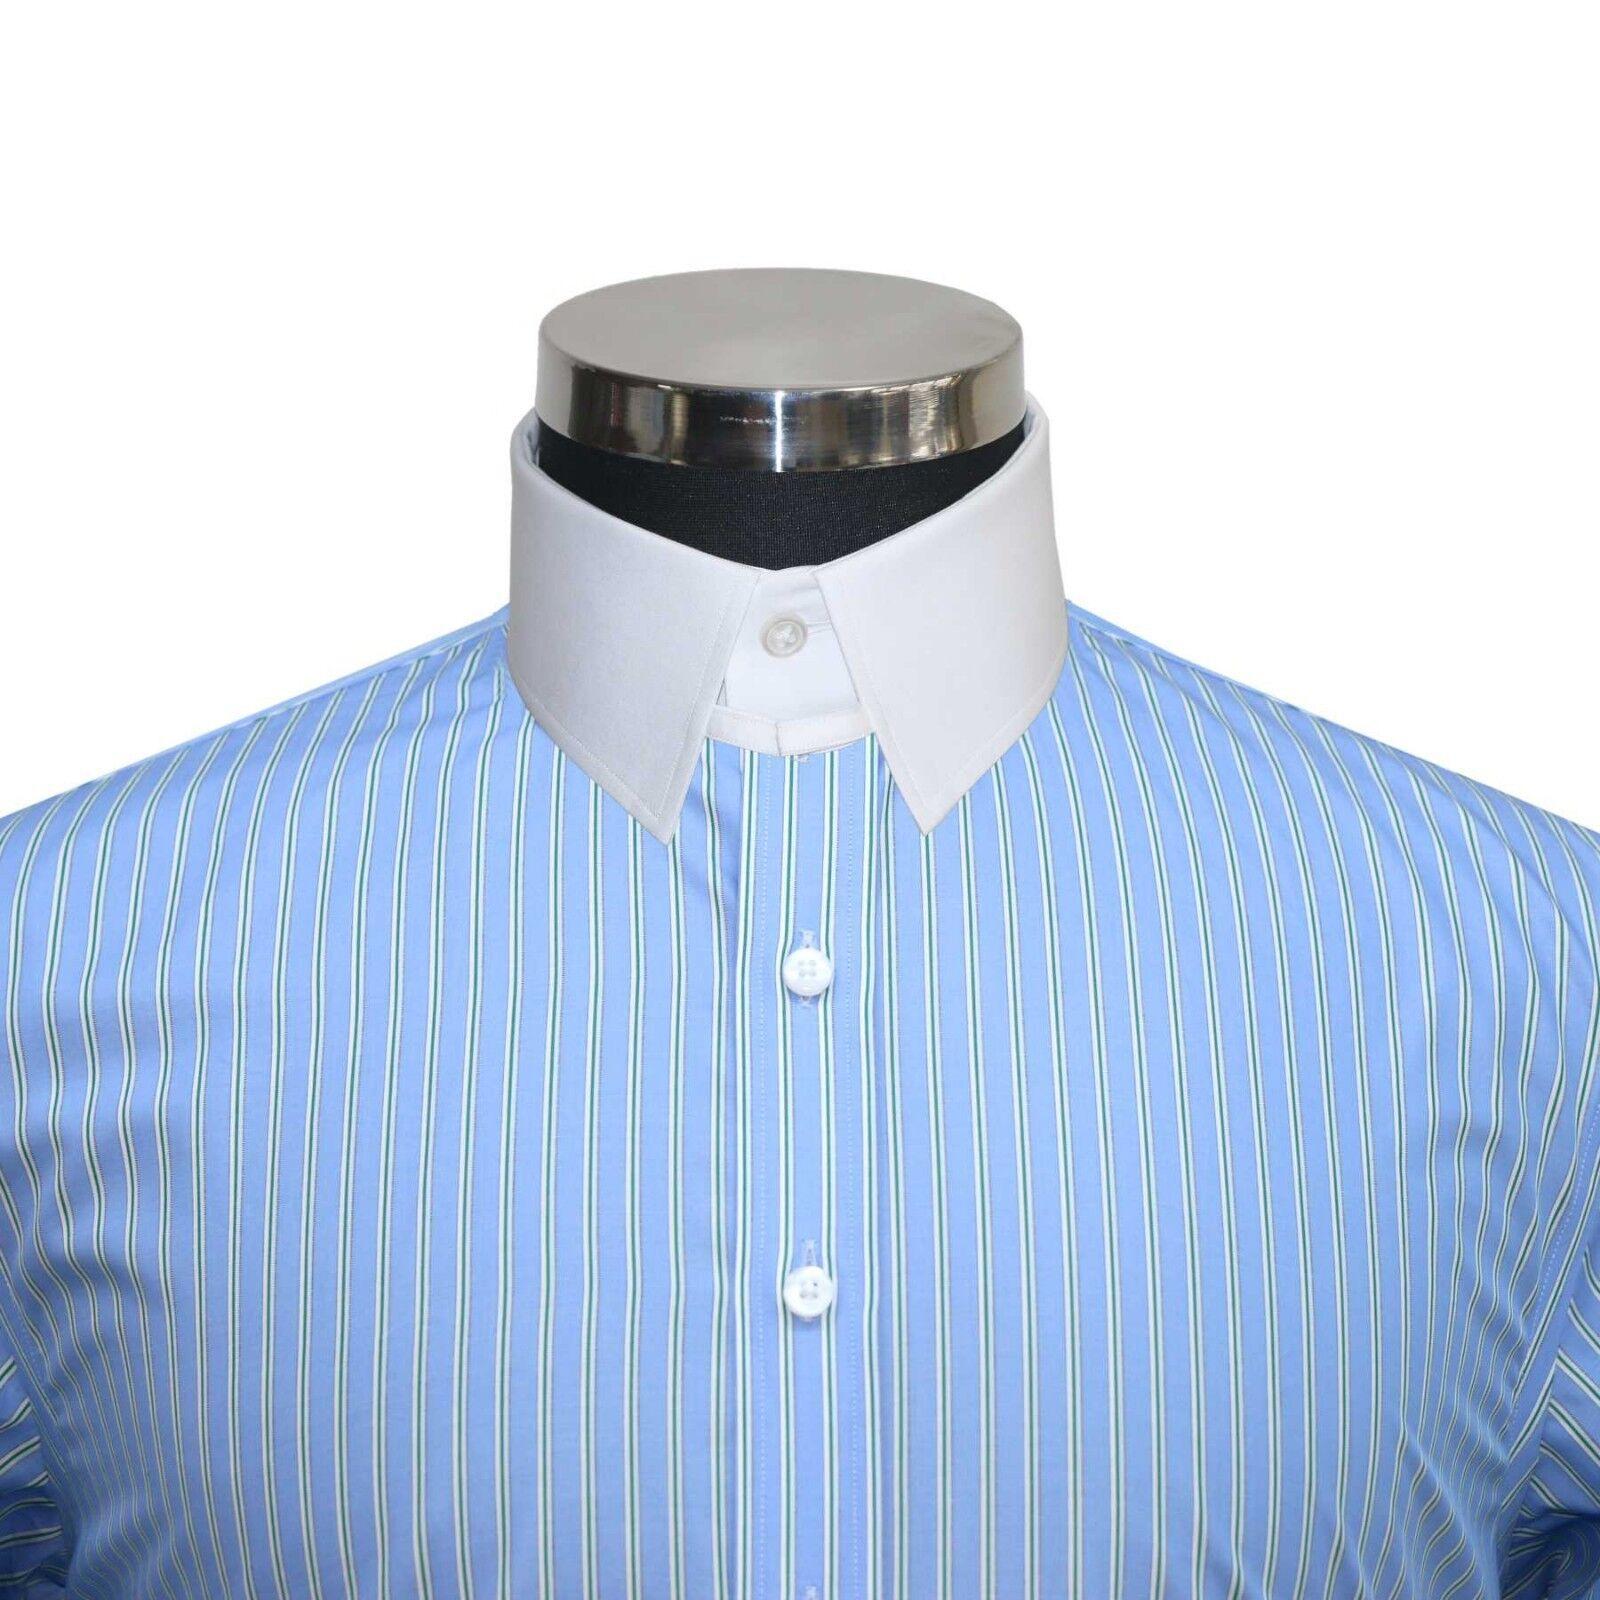 Herren Tab Kragen Hemd James Bond Lite Blau Grün Streifen Baumwolle Schleife